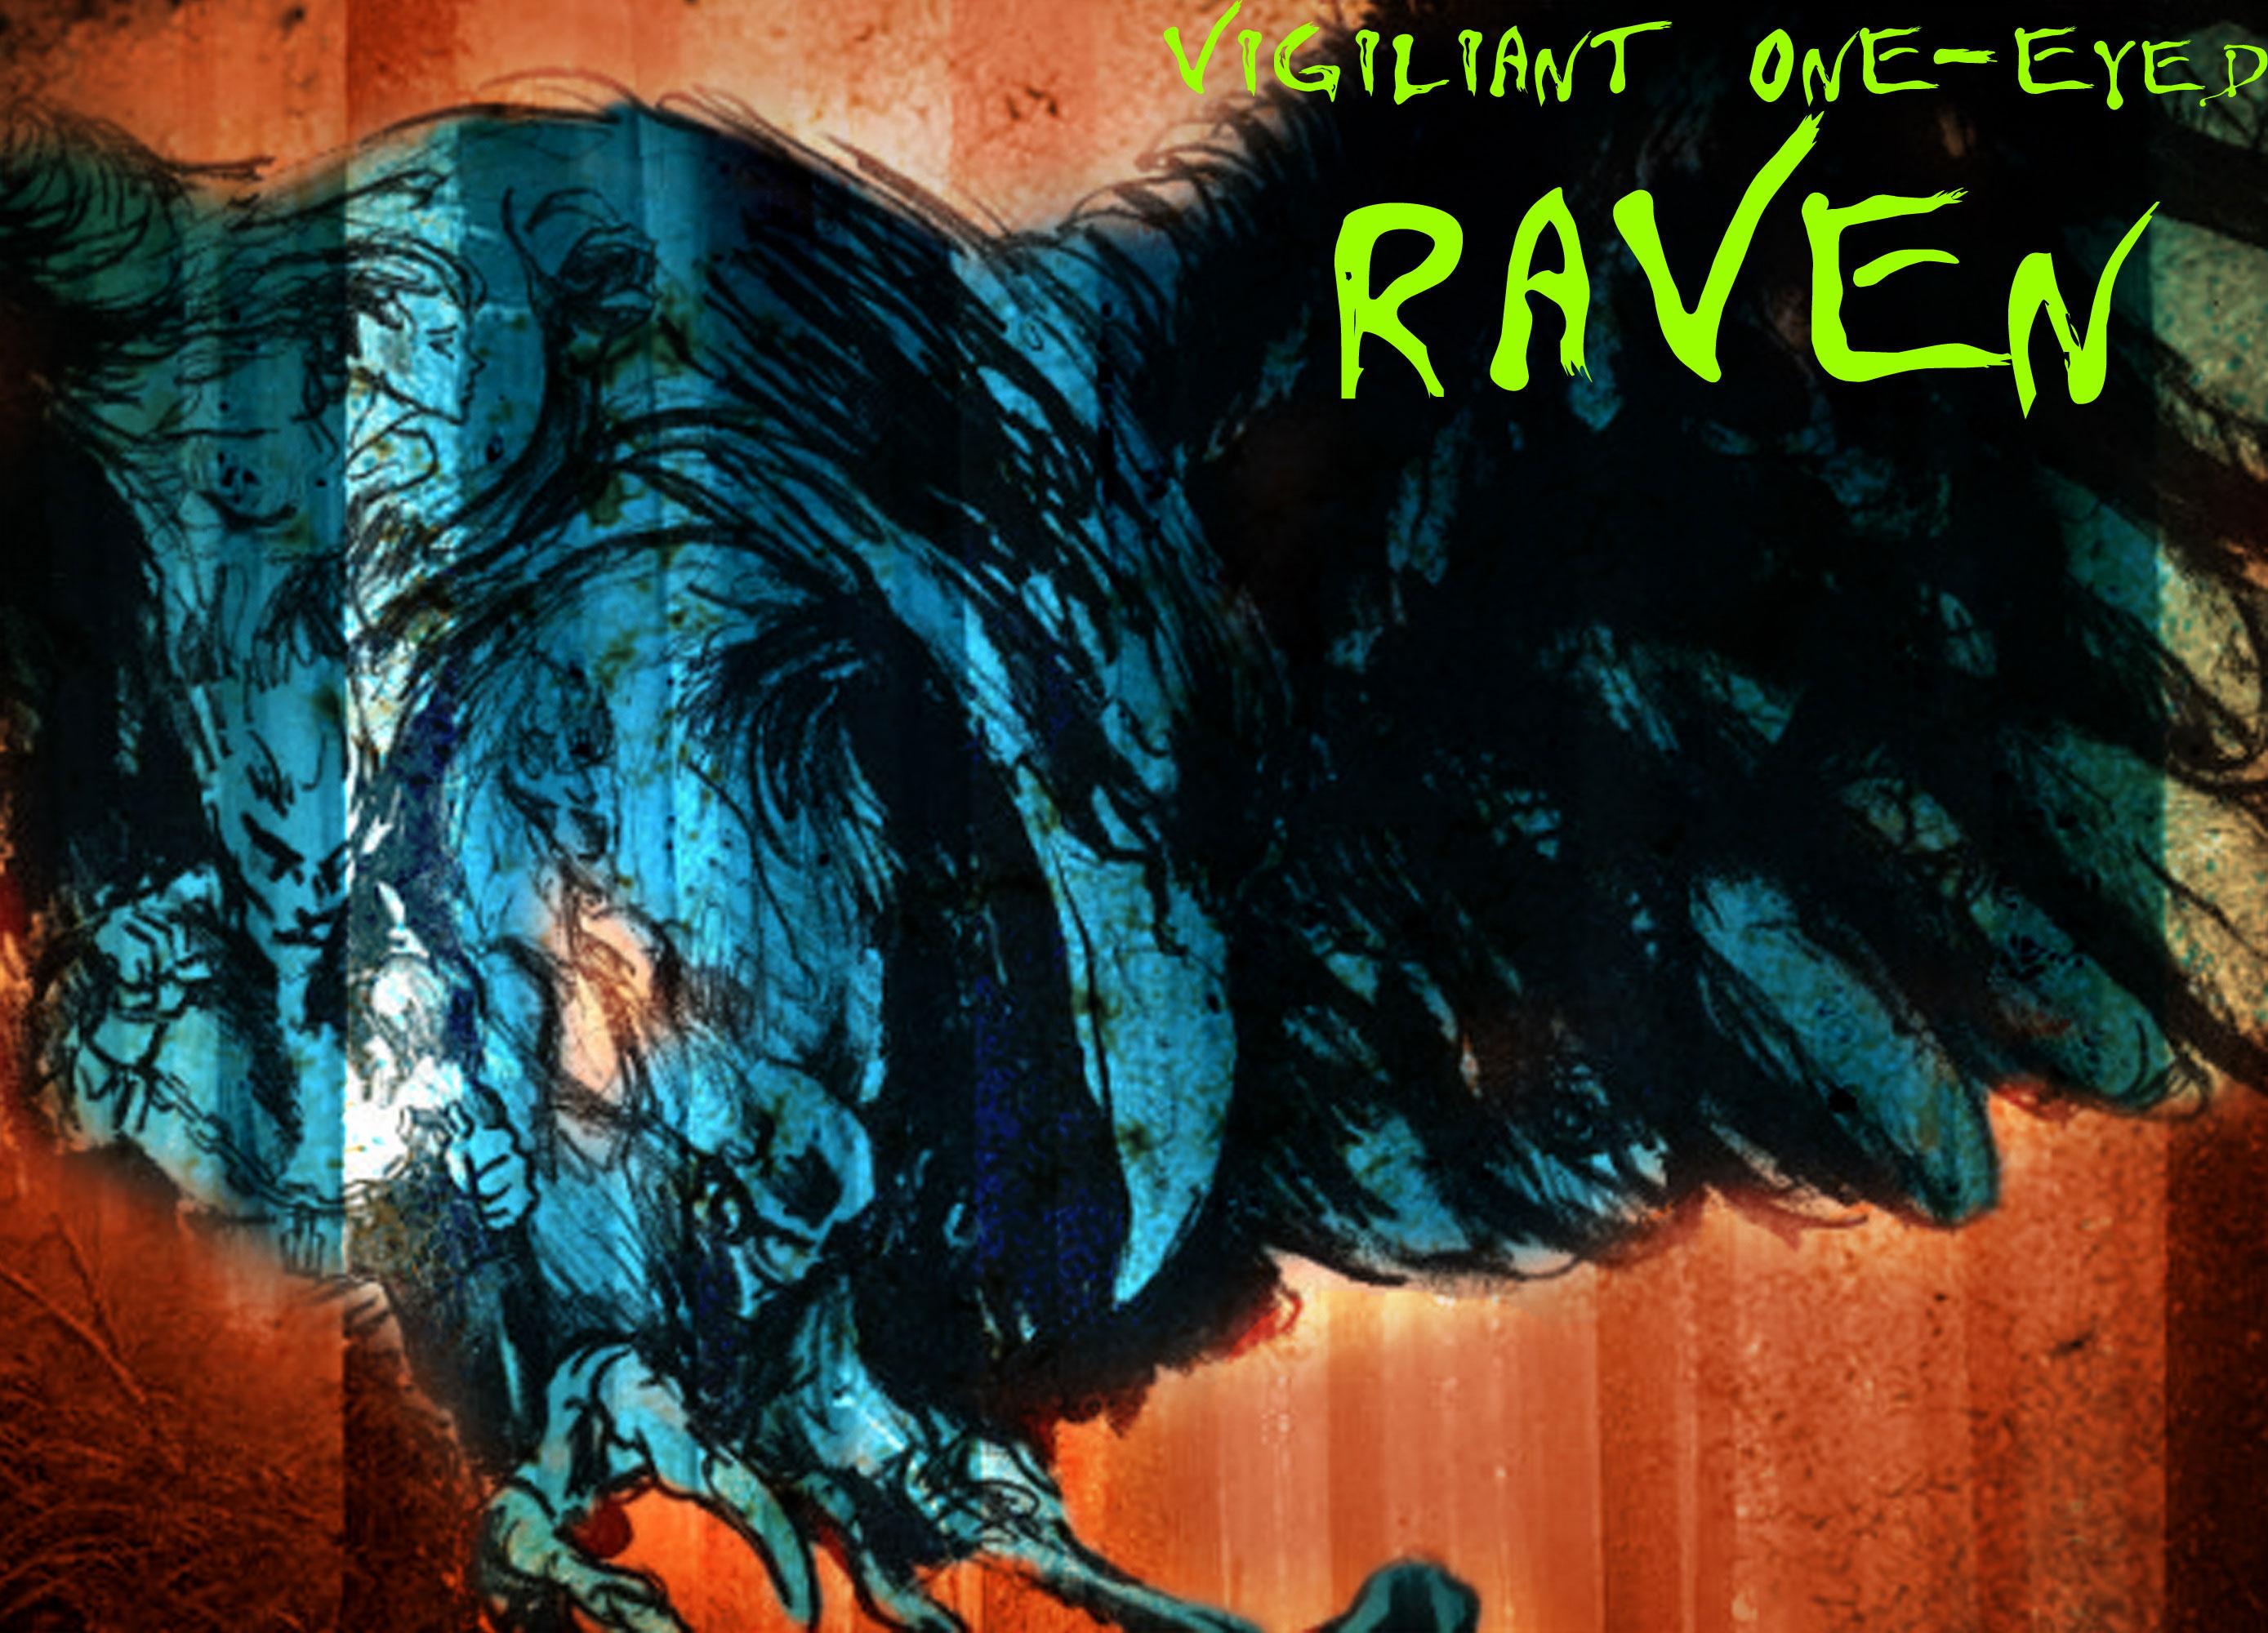 Raven2 copy